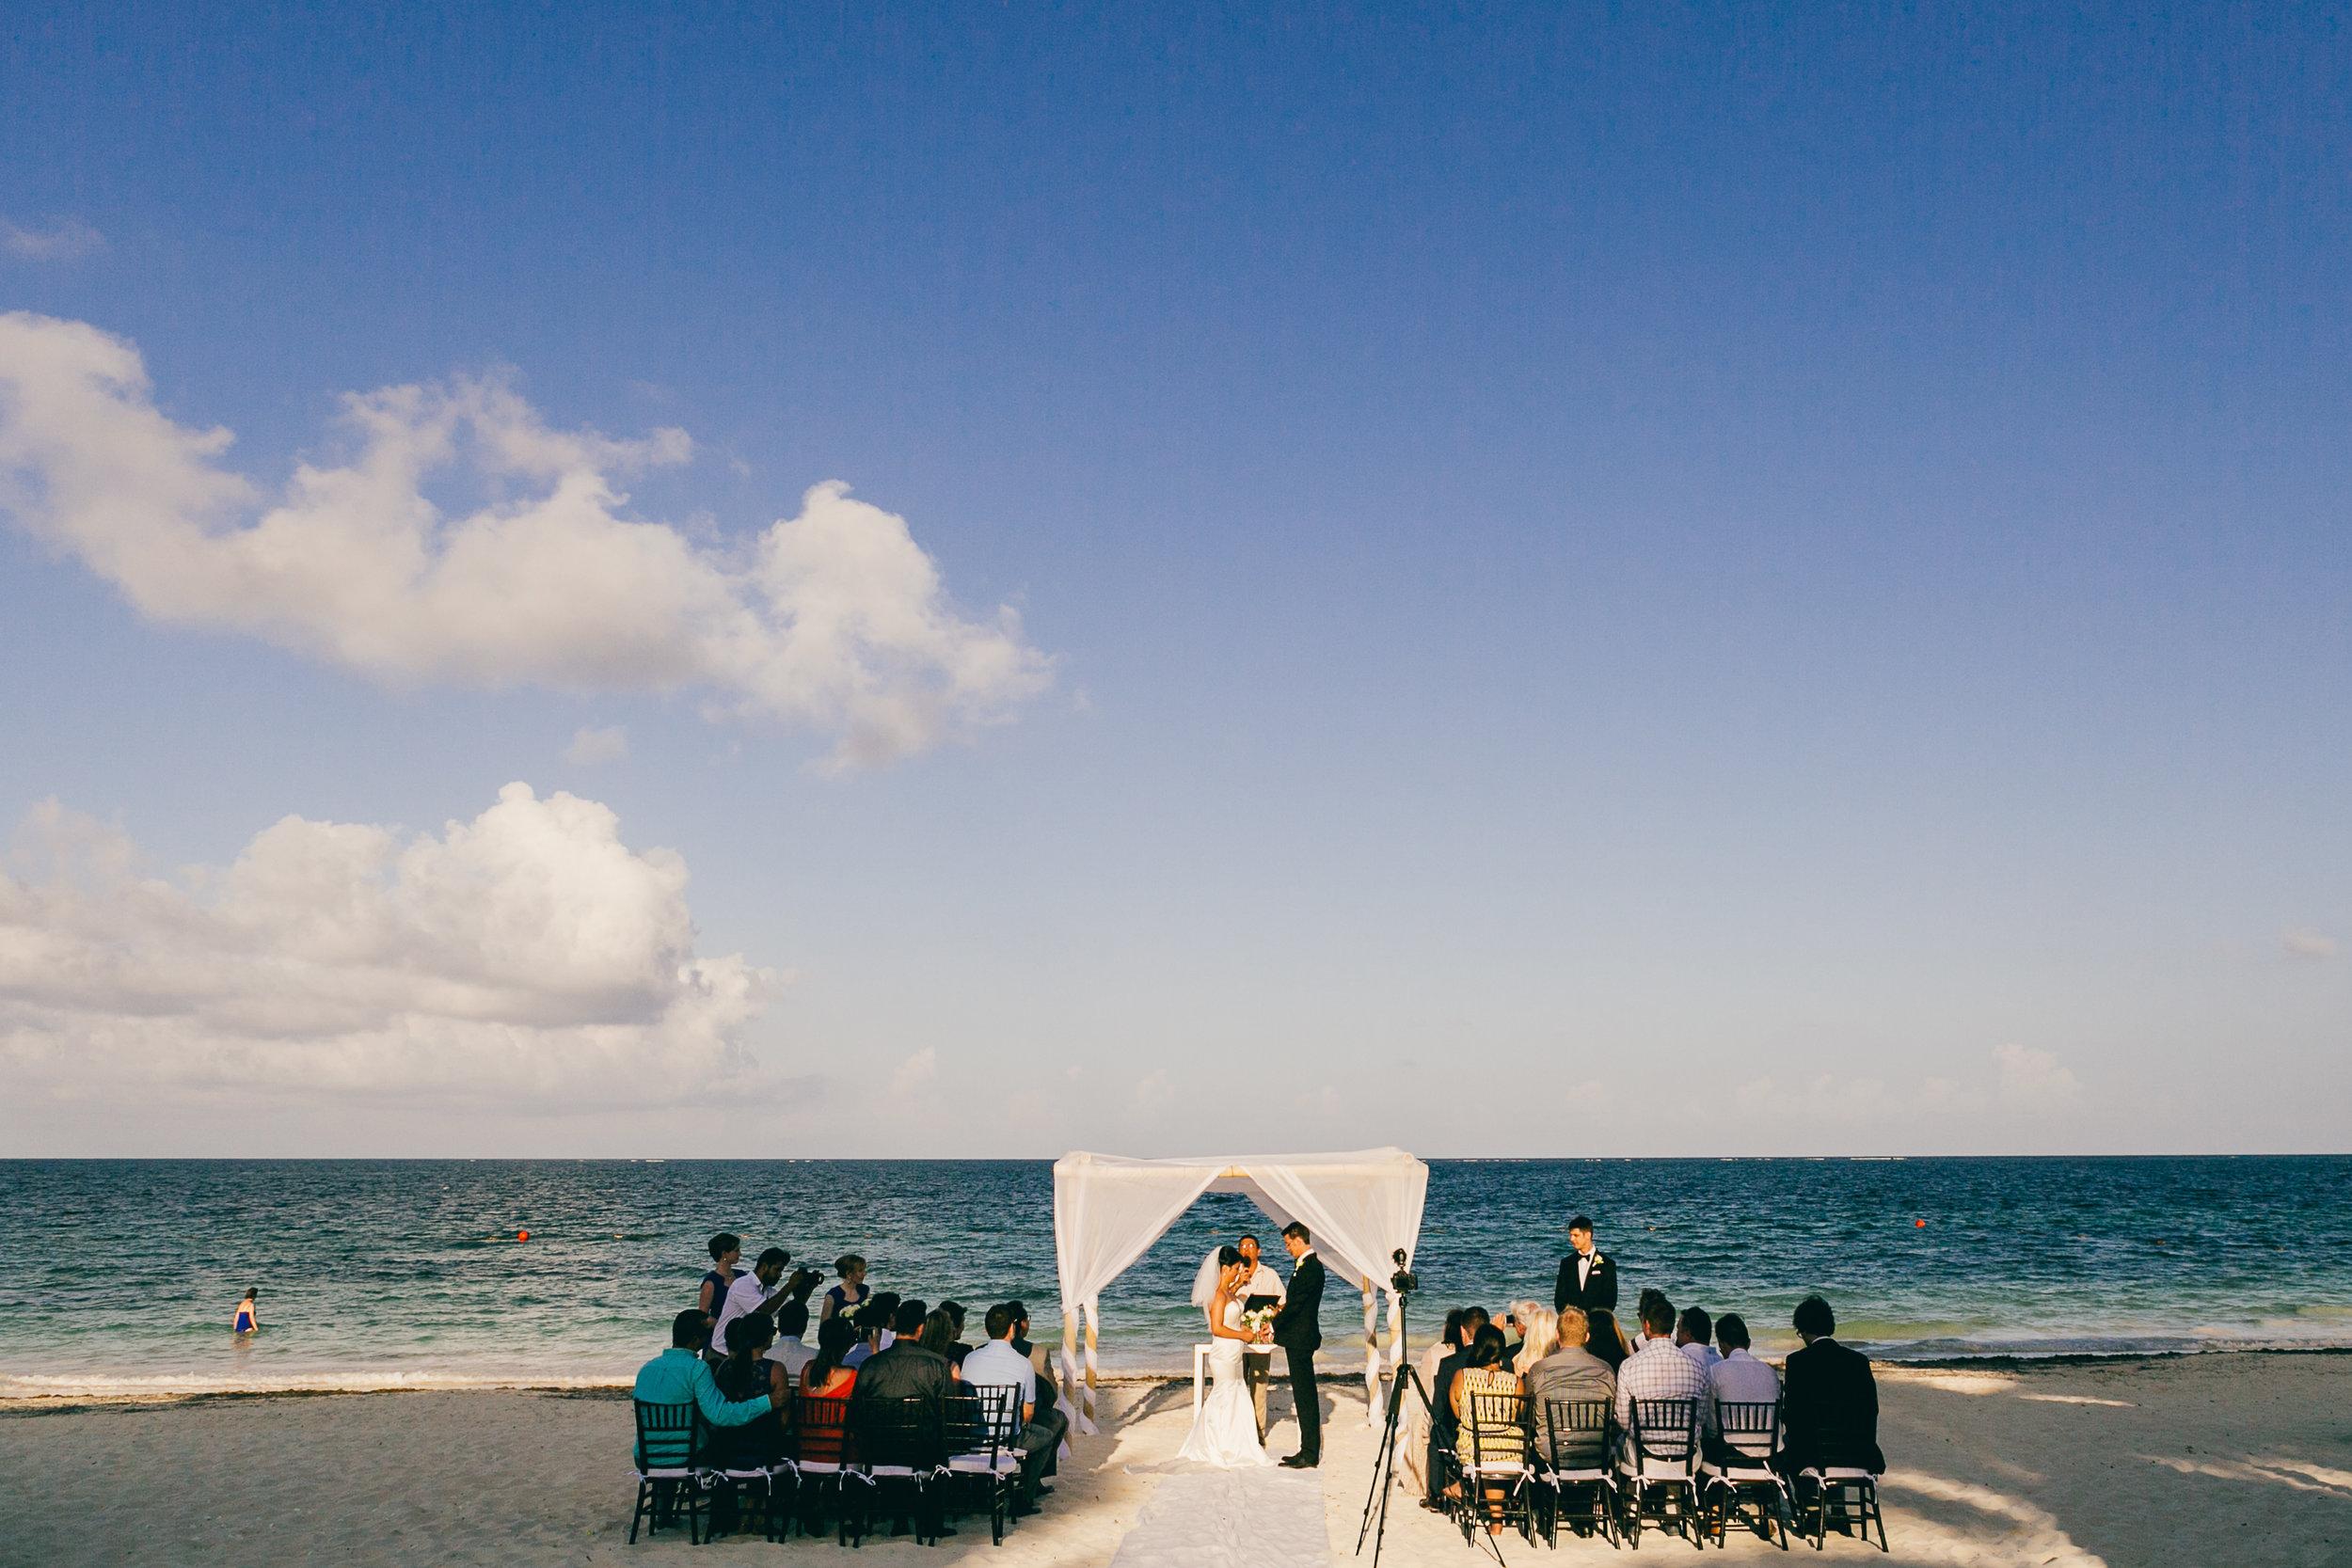 leiladennisnowsapphirewedding-ceremony-0034.jpg